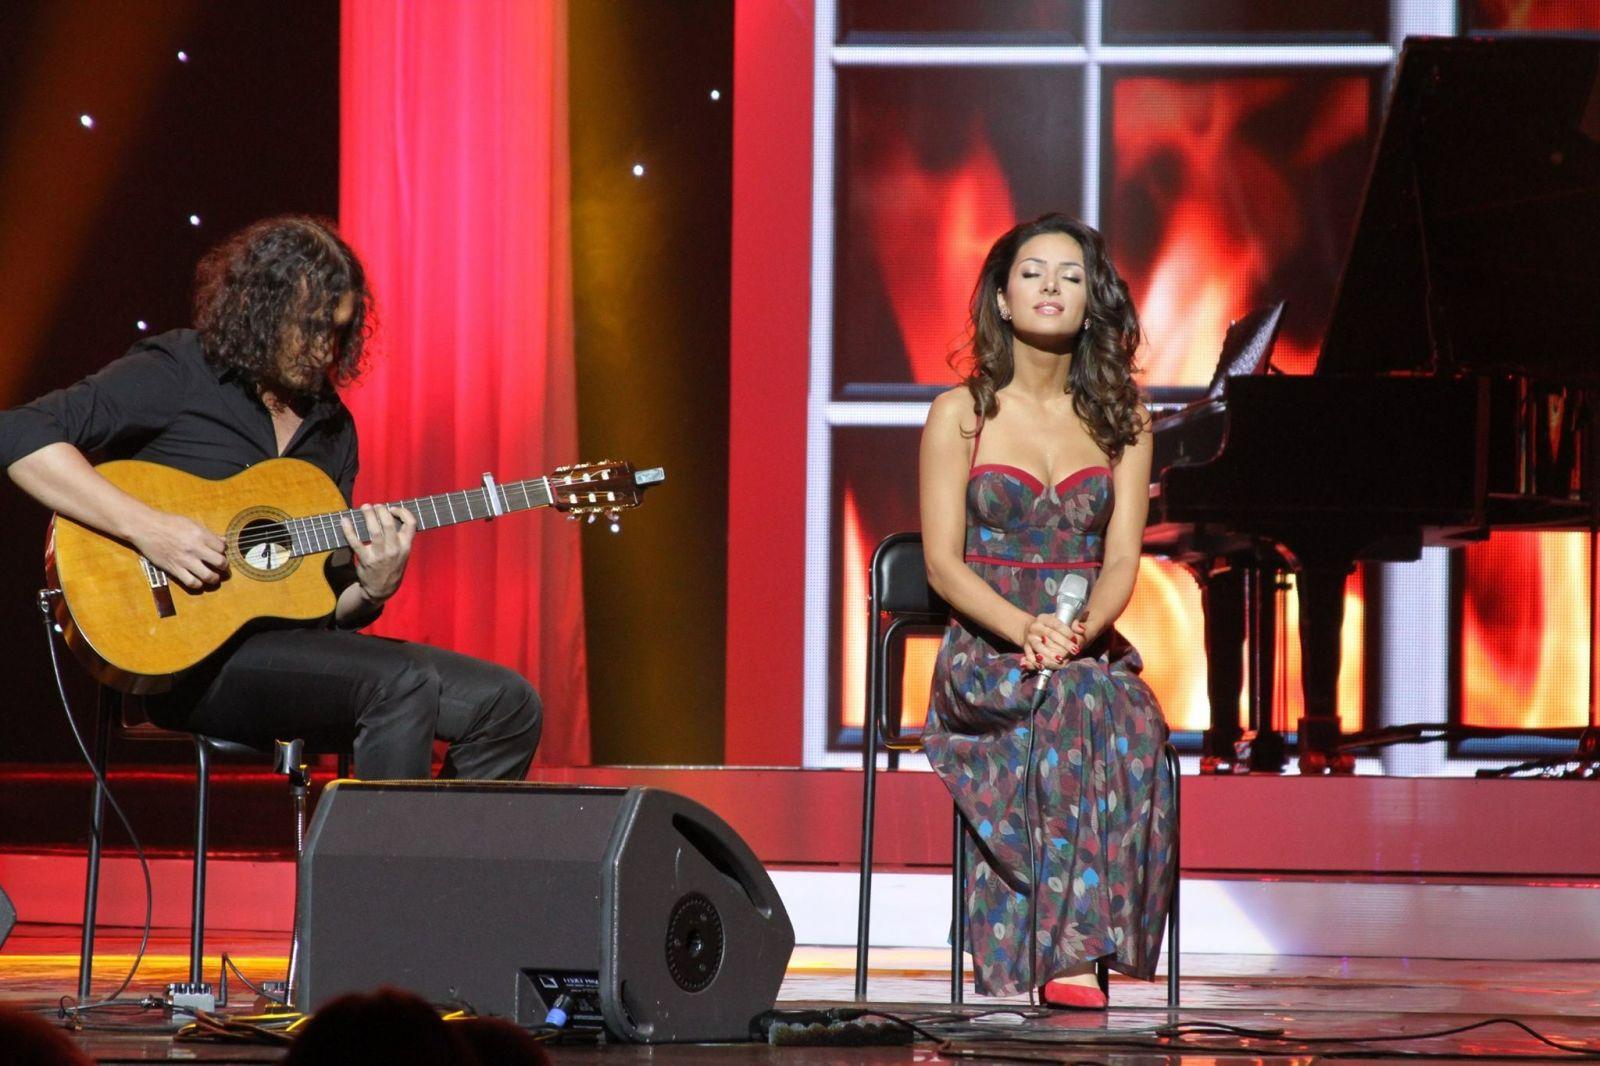 Злата Огневич поразила страстным исполнением песни Николая Мозгового